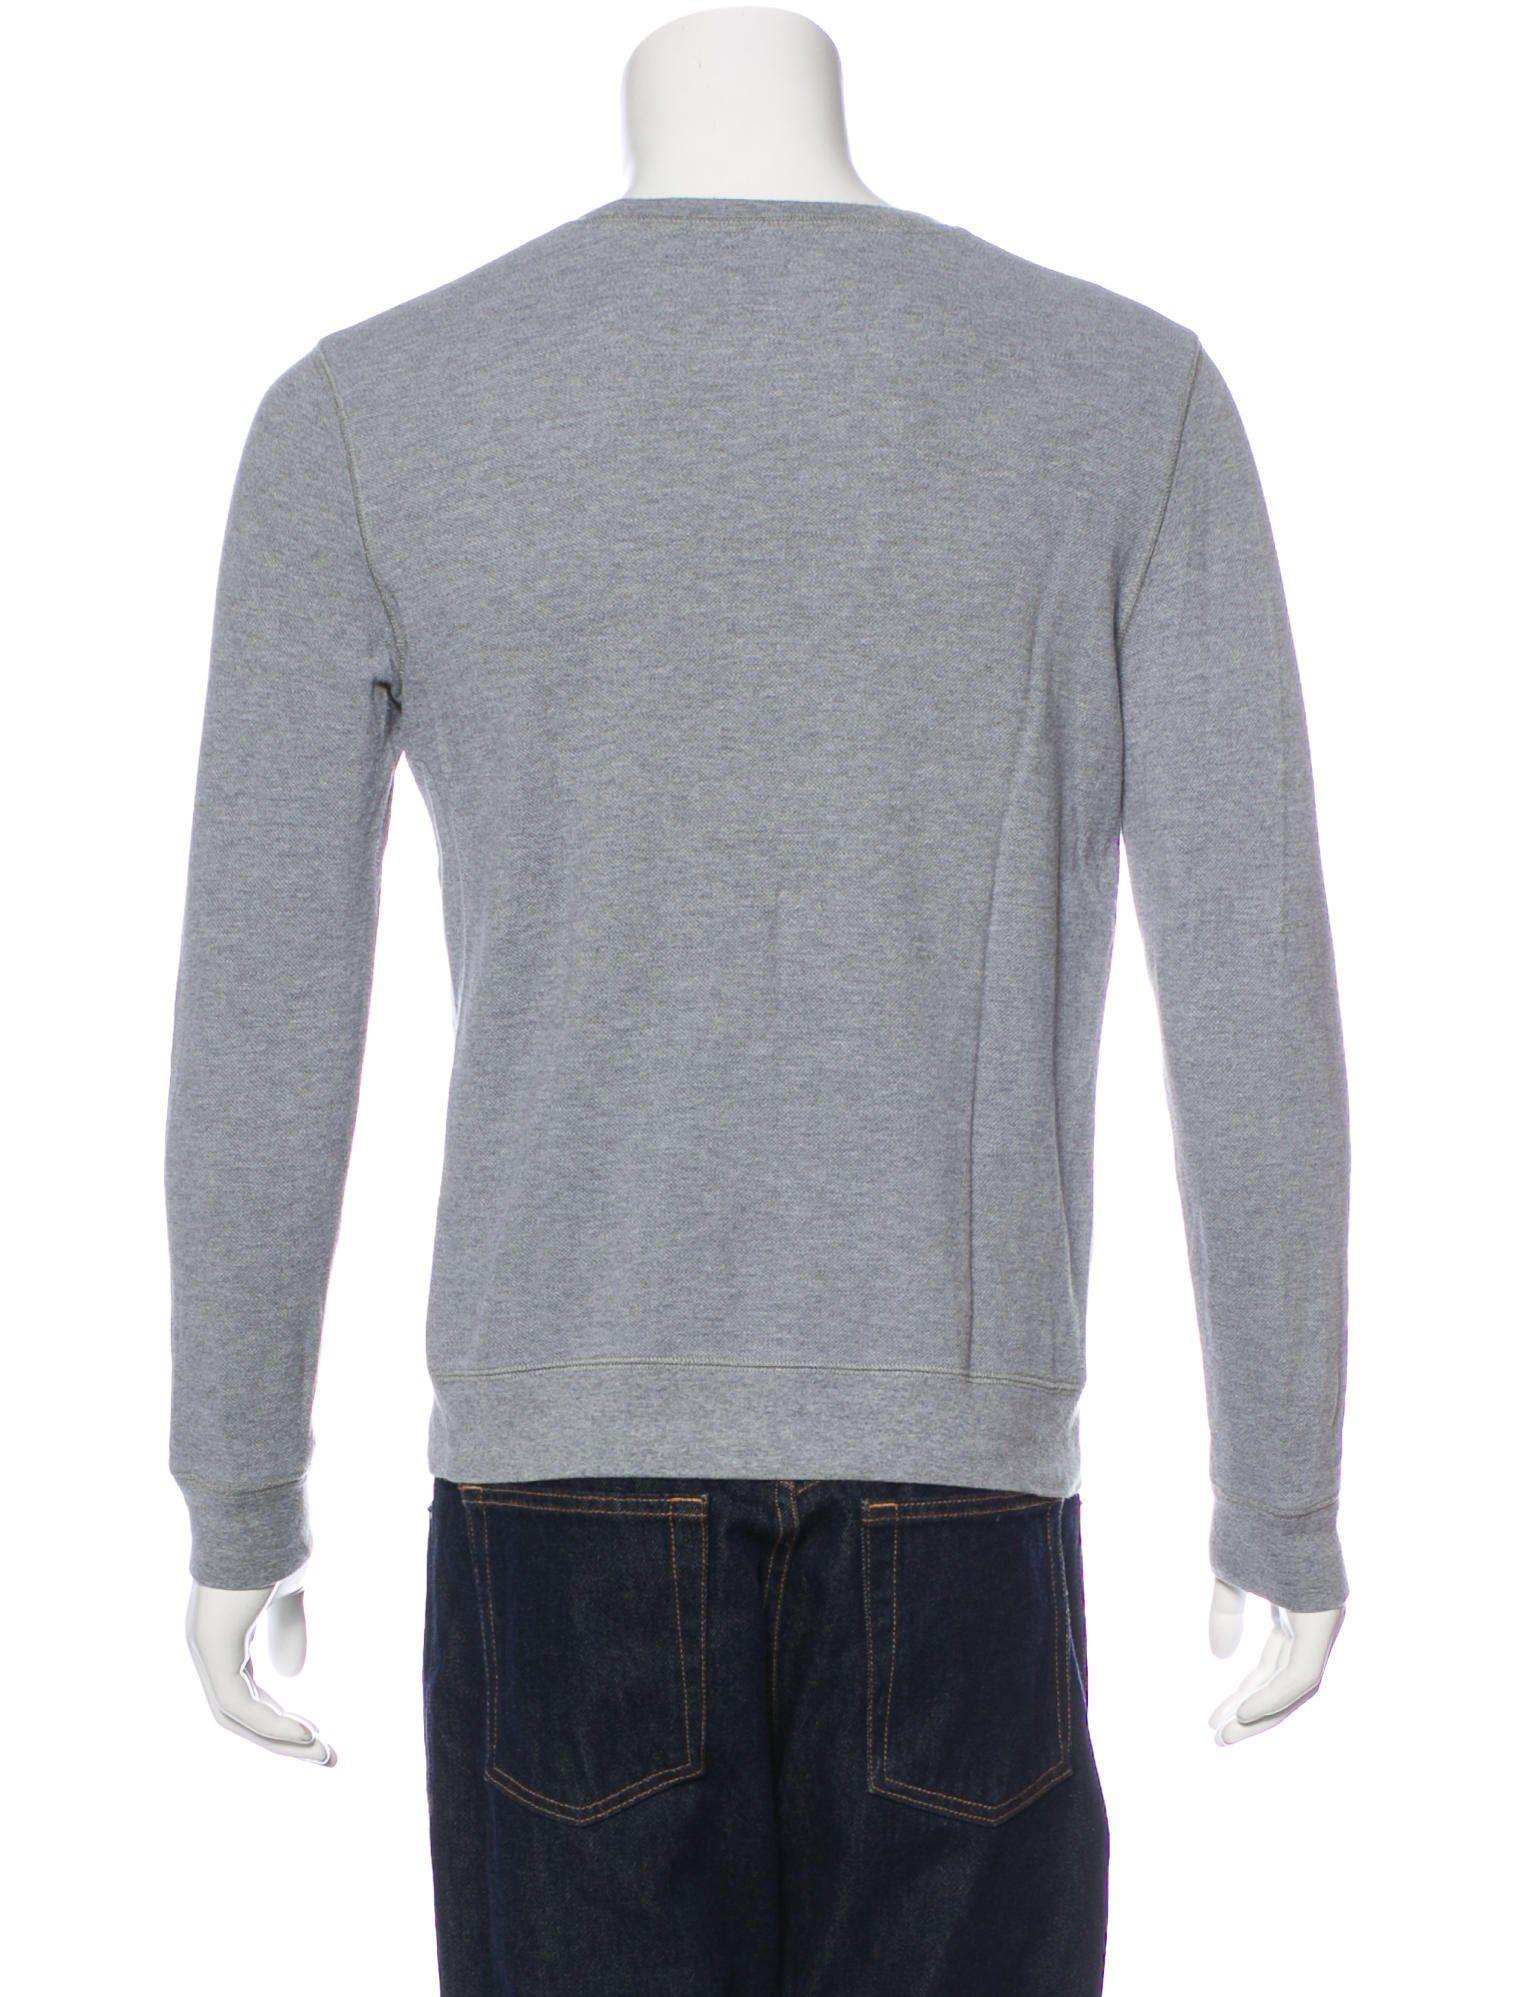 f3158a70 Men's grey A.P.C. T-shirt with crew neck, long sleeves and rib knit trim.